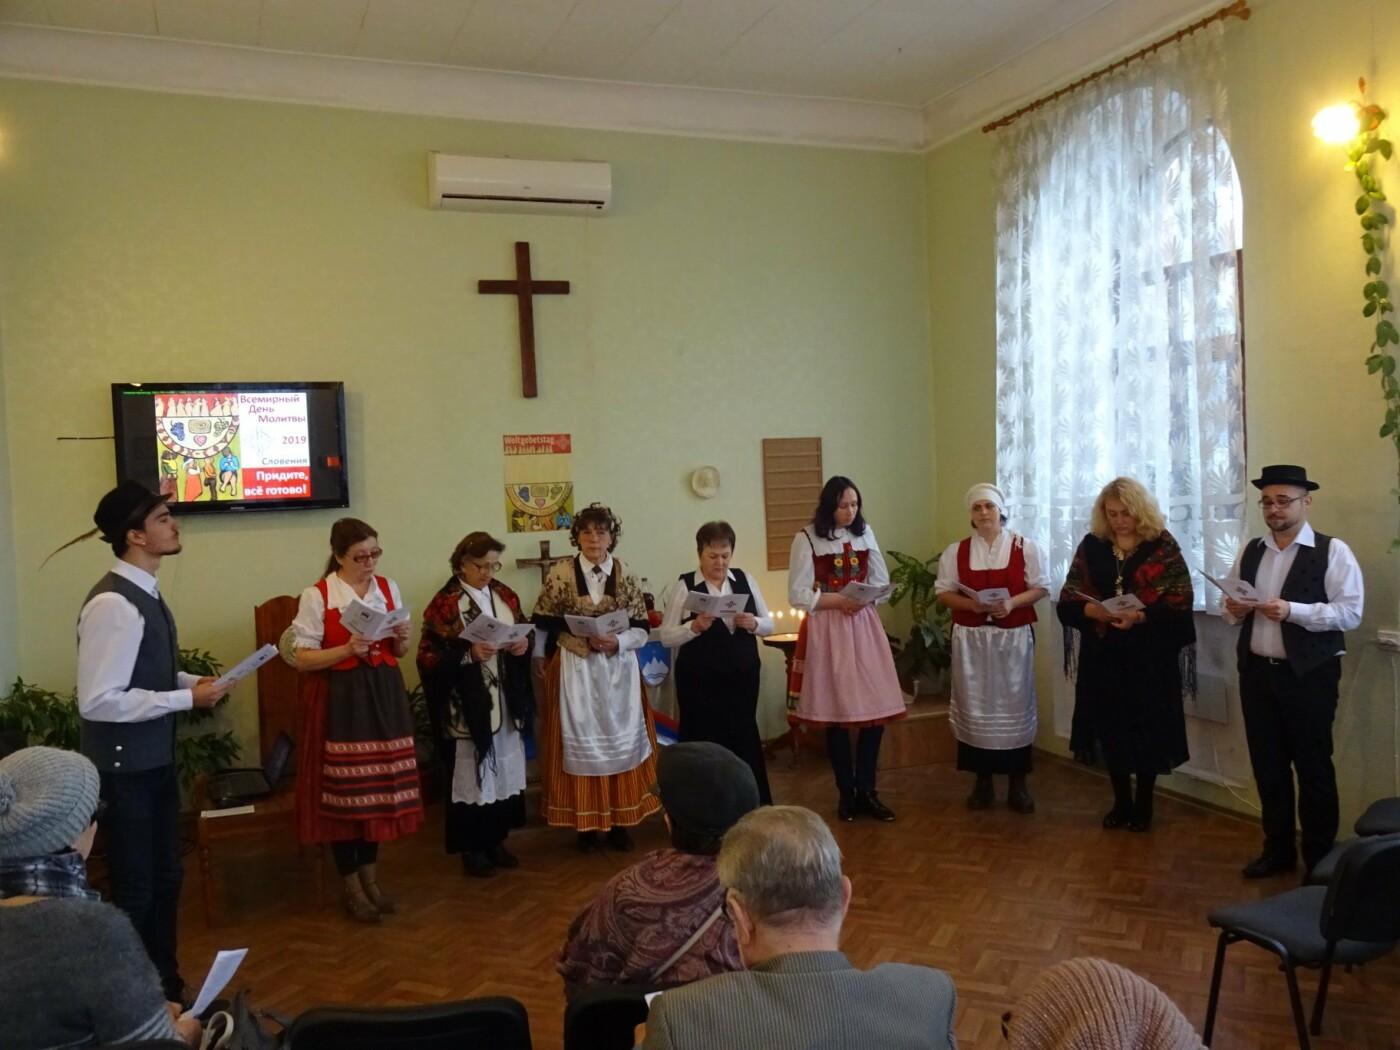 Как отмечают рождественские праздники различные национально-культурные общества Бердянска, фото-2